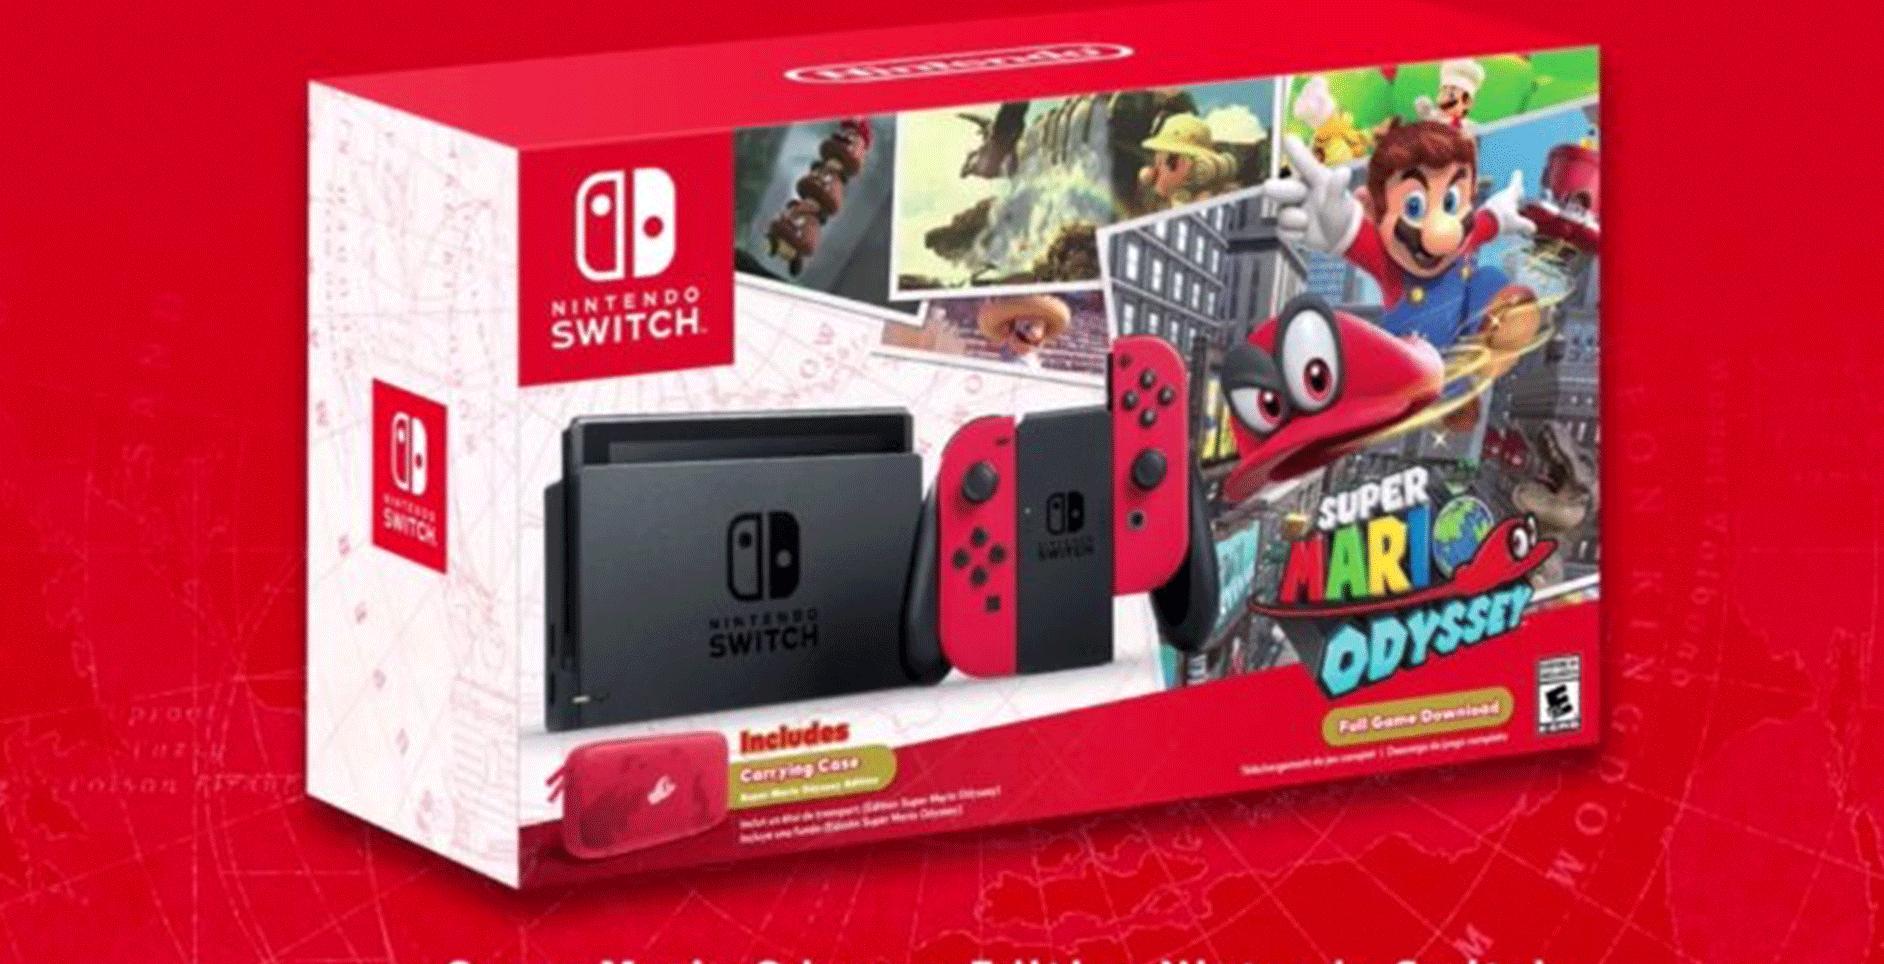 Analista da NPD comenta o potencial de vendas do Switch. Deve ultrapassar o Wii.